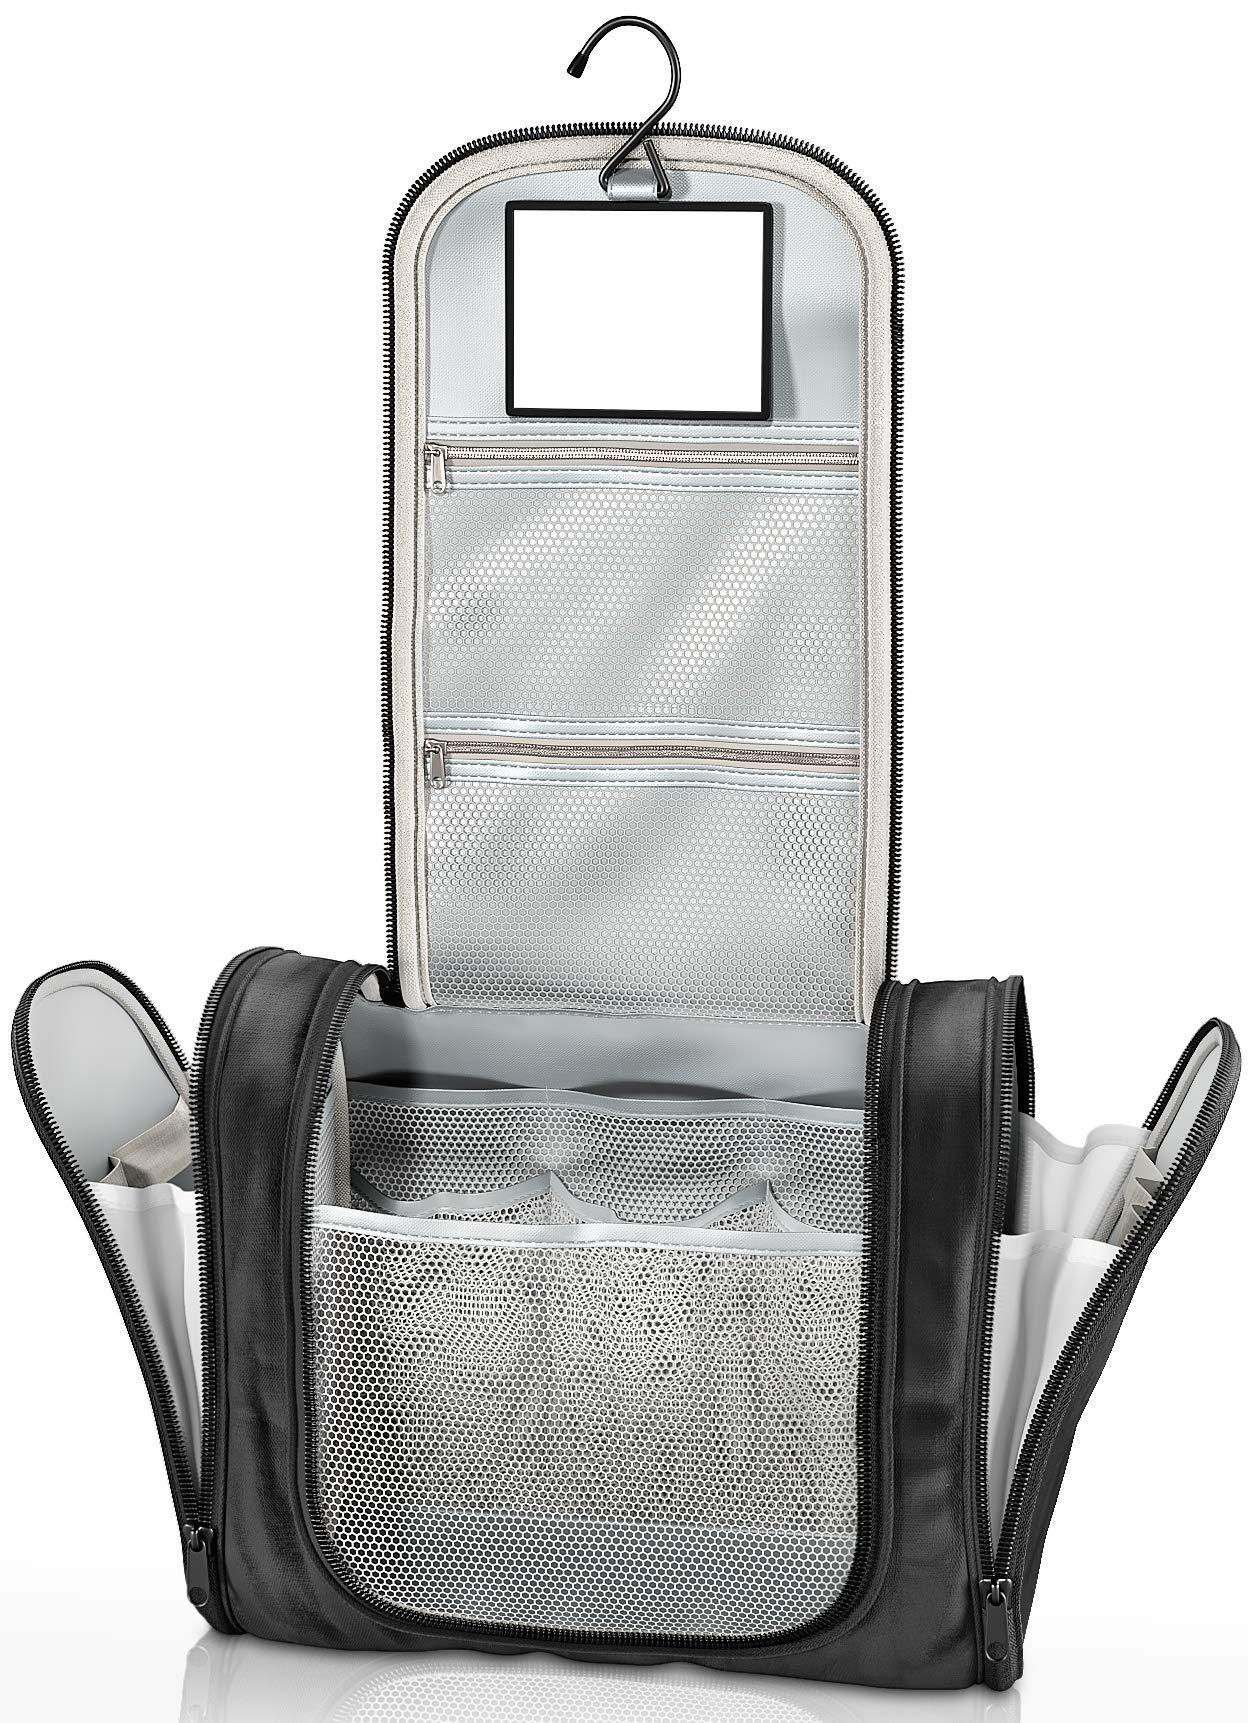 81DlBeX03HL - Neceser con suspensión y Espejo + Bolsillos Interiores | Hombres, Mujeres y niños – Bolso de tocador hidrófugo para…